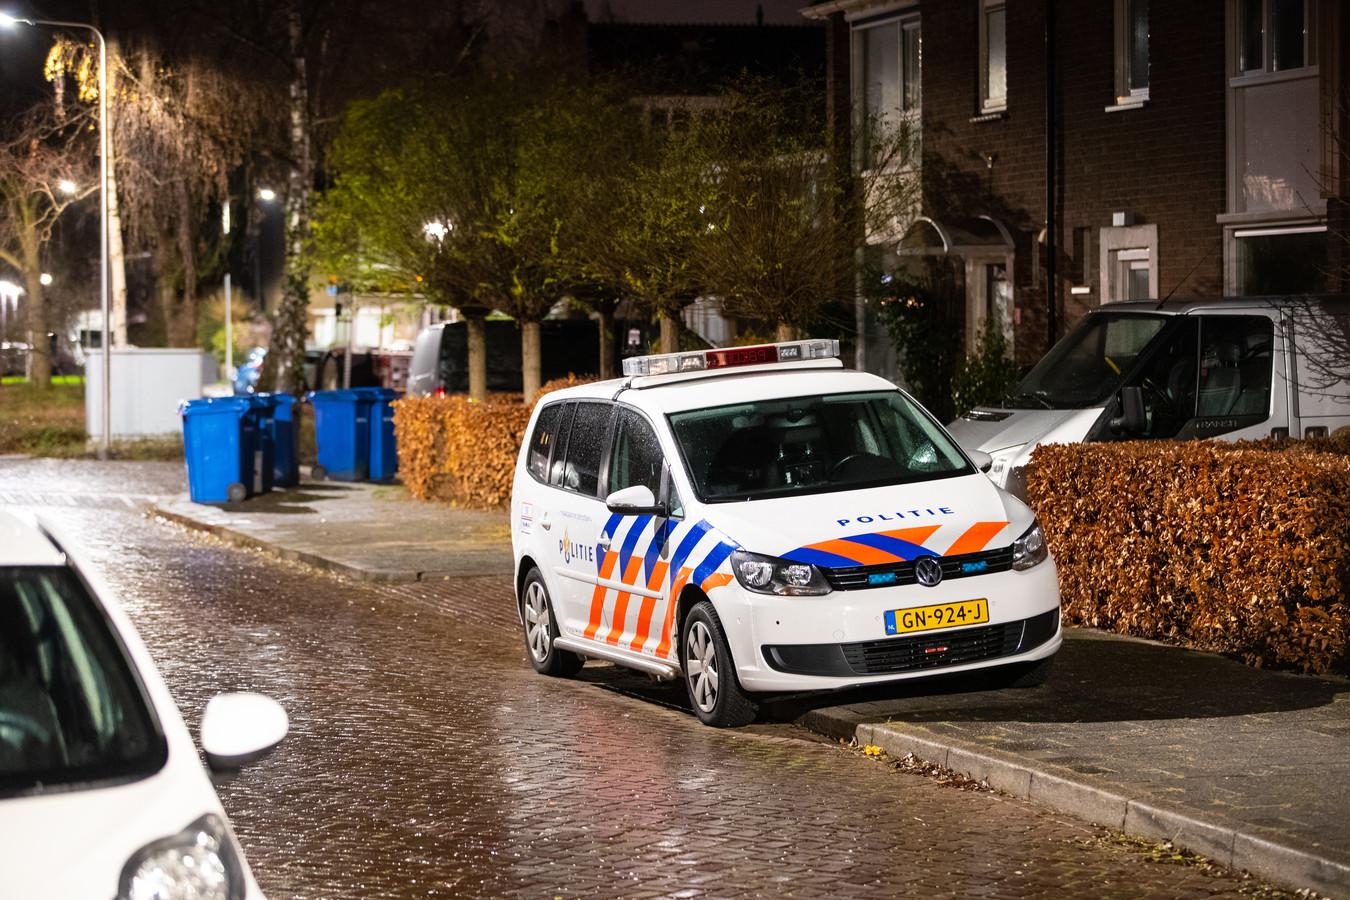 In de nacht van 9 op 10 december doet de politie onderzoek naar de woningoverval in de Willem Barentszstraat in de wijk Wipstrik.